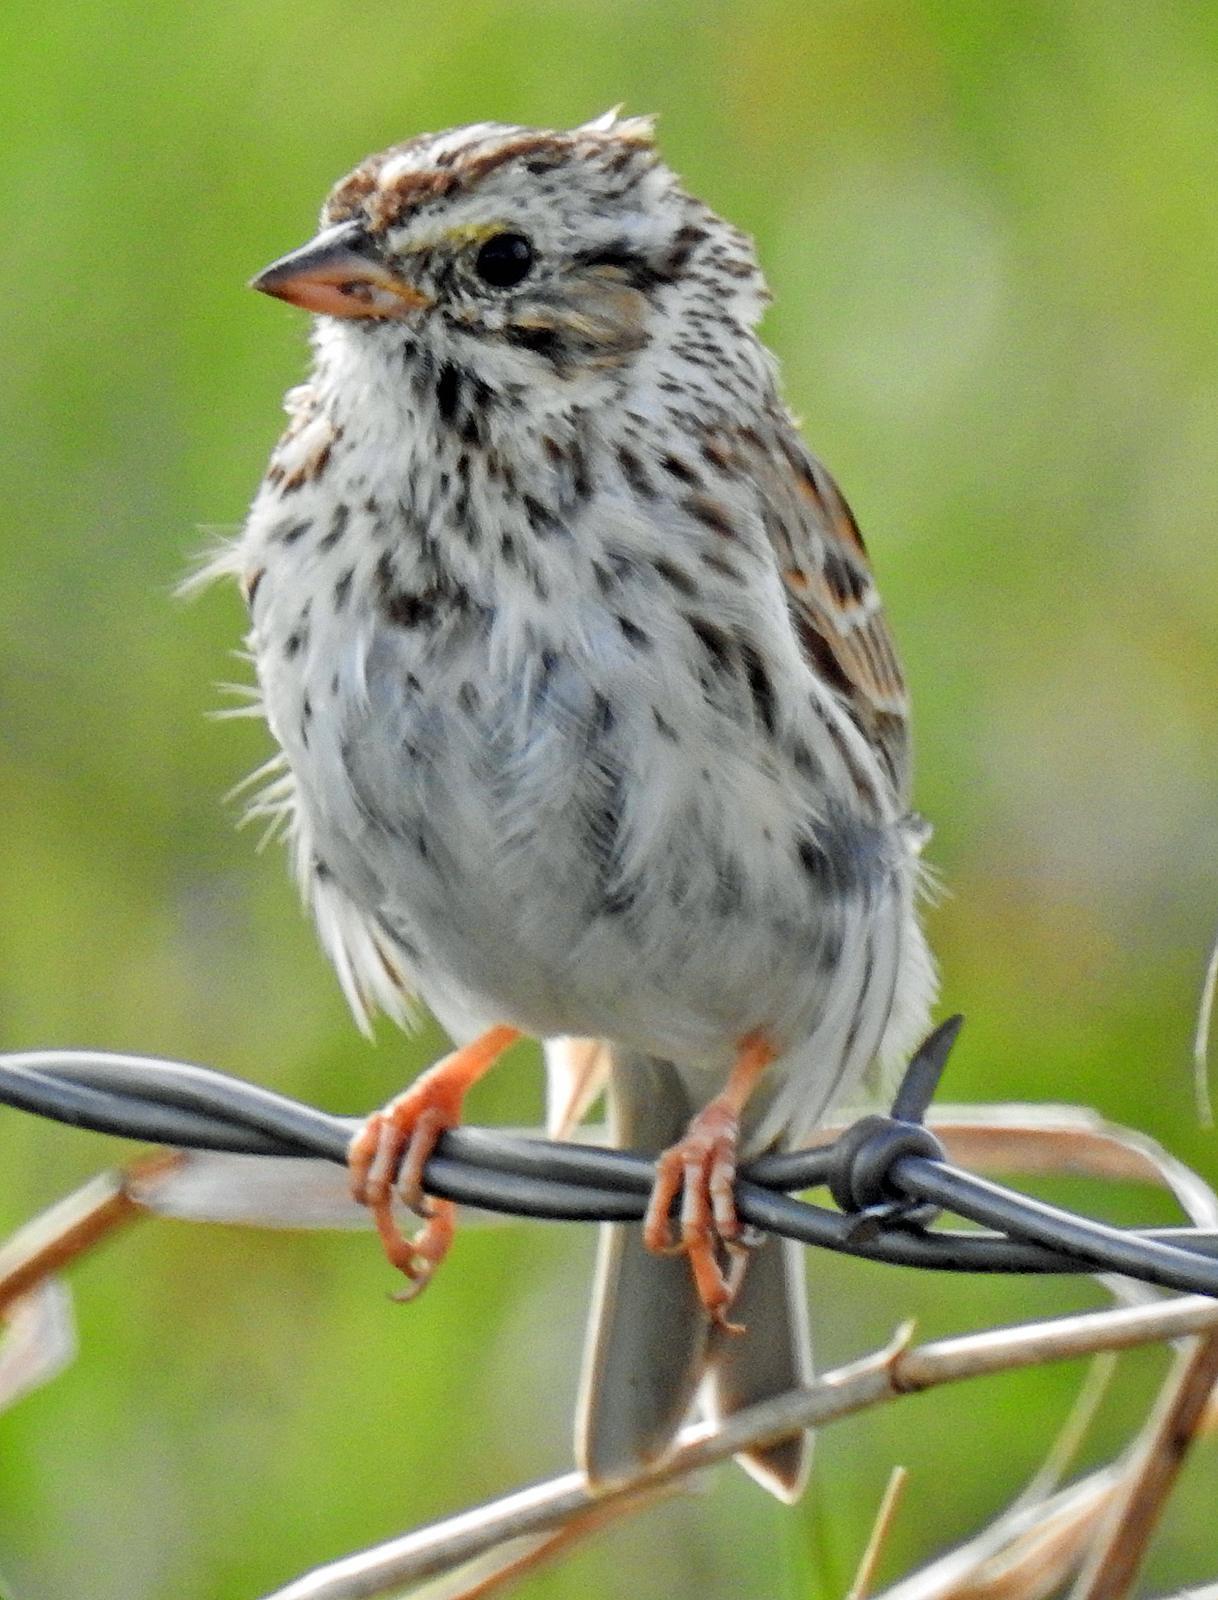 Savannah Sparrow Photo by Tom Gannon